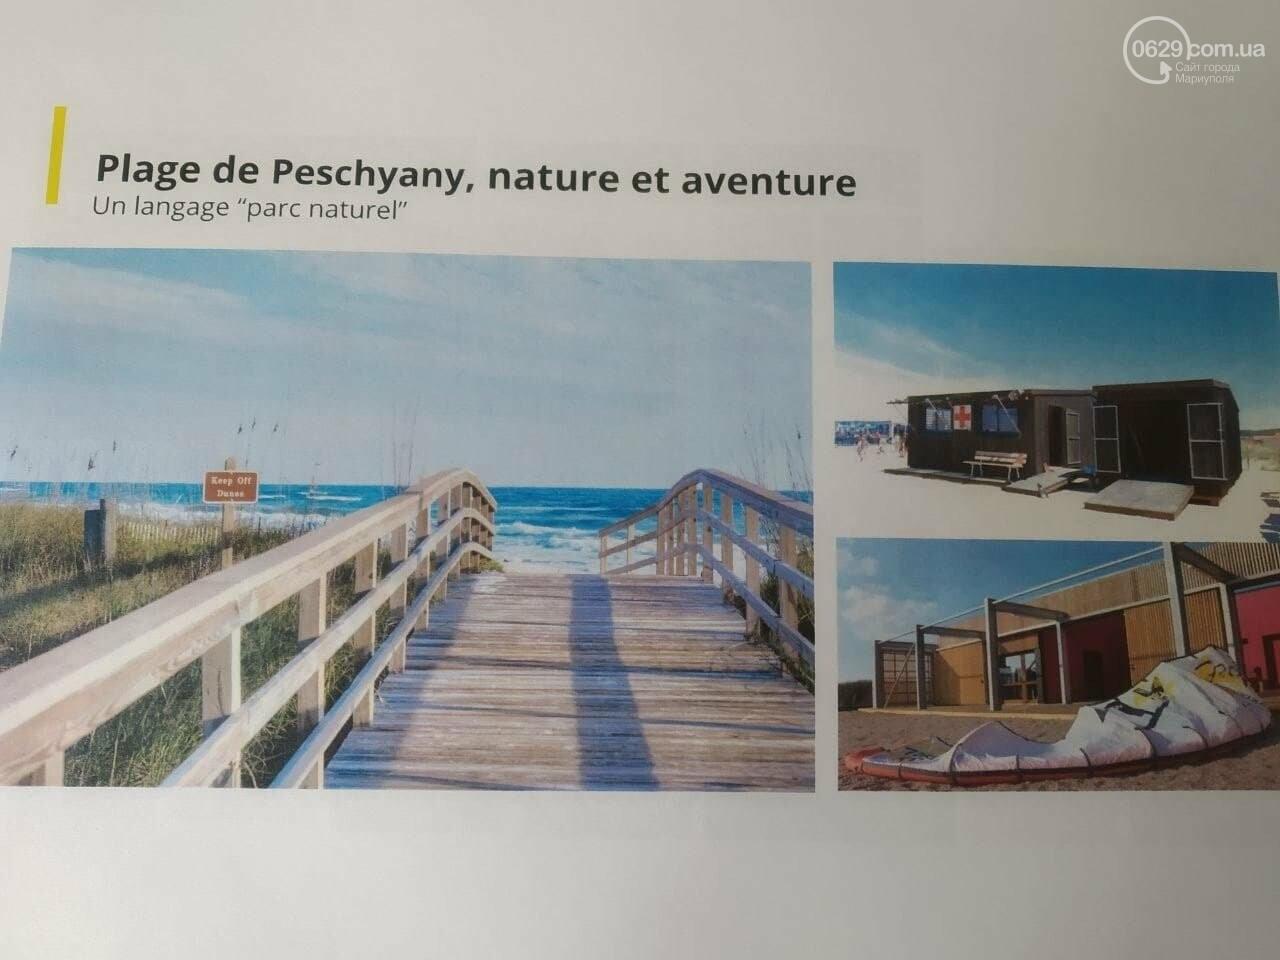 Какими станут мариупольские пляжи. Идеи, предложения, проекты, - ФОТО, фото-8